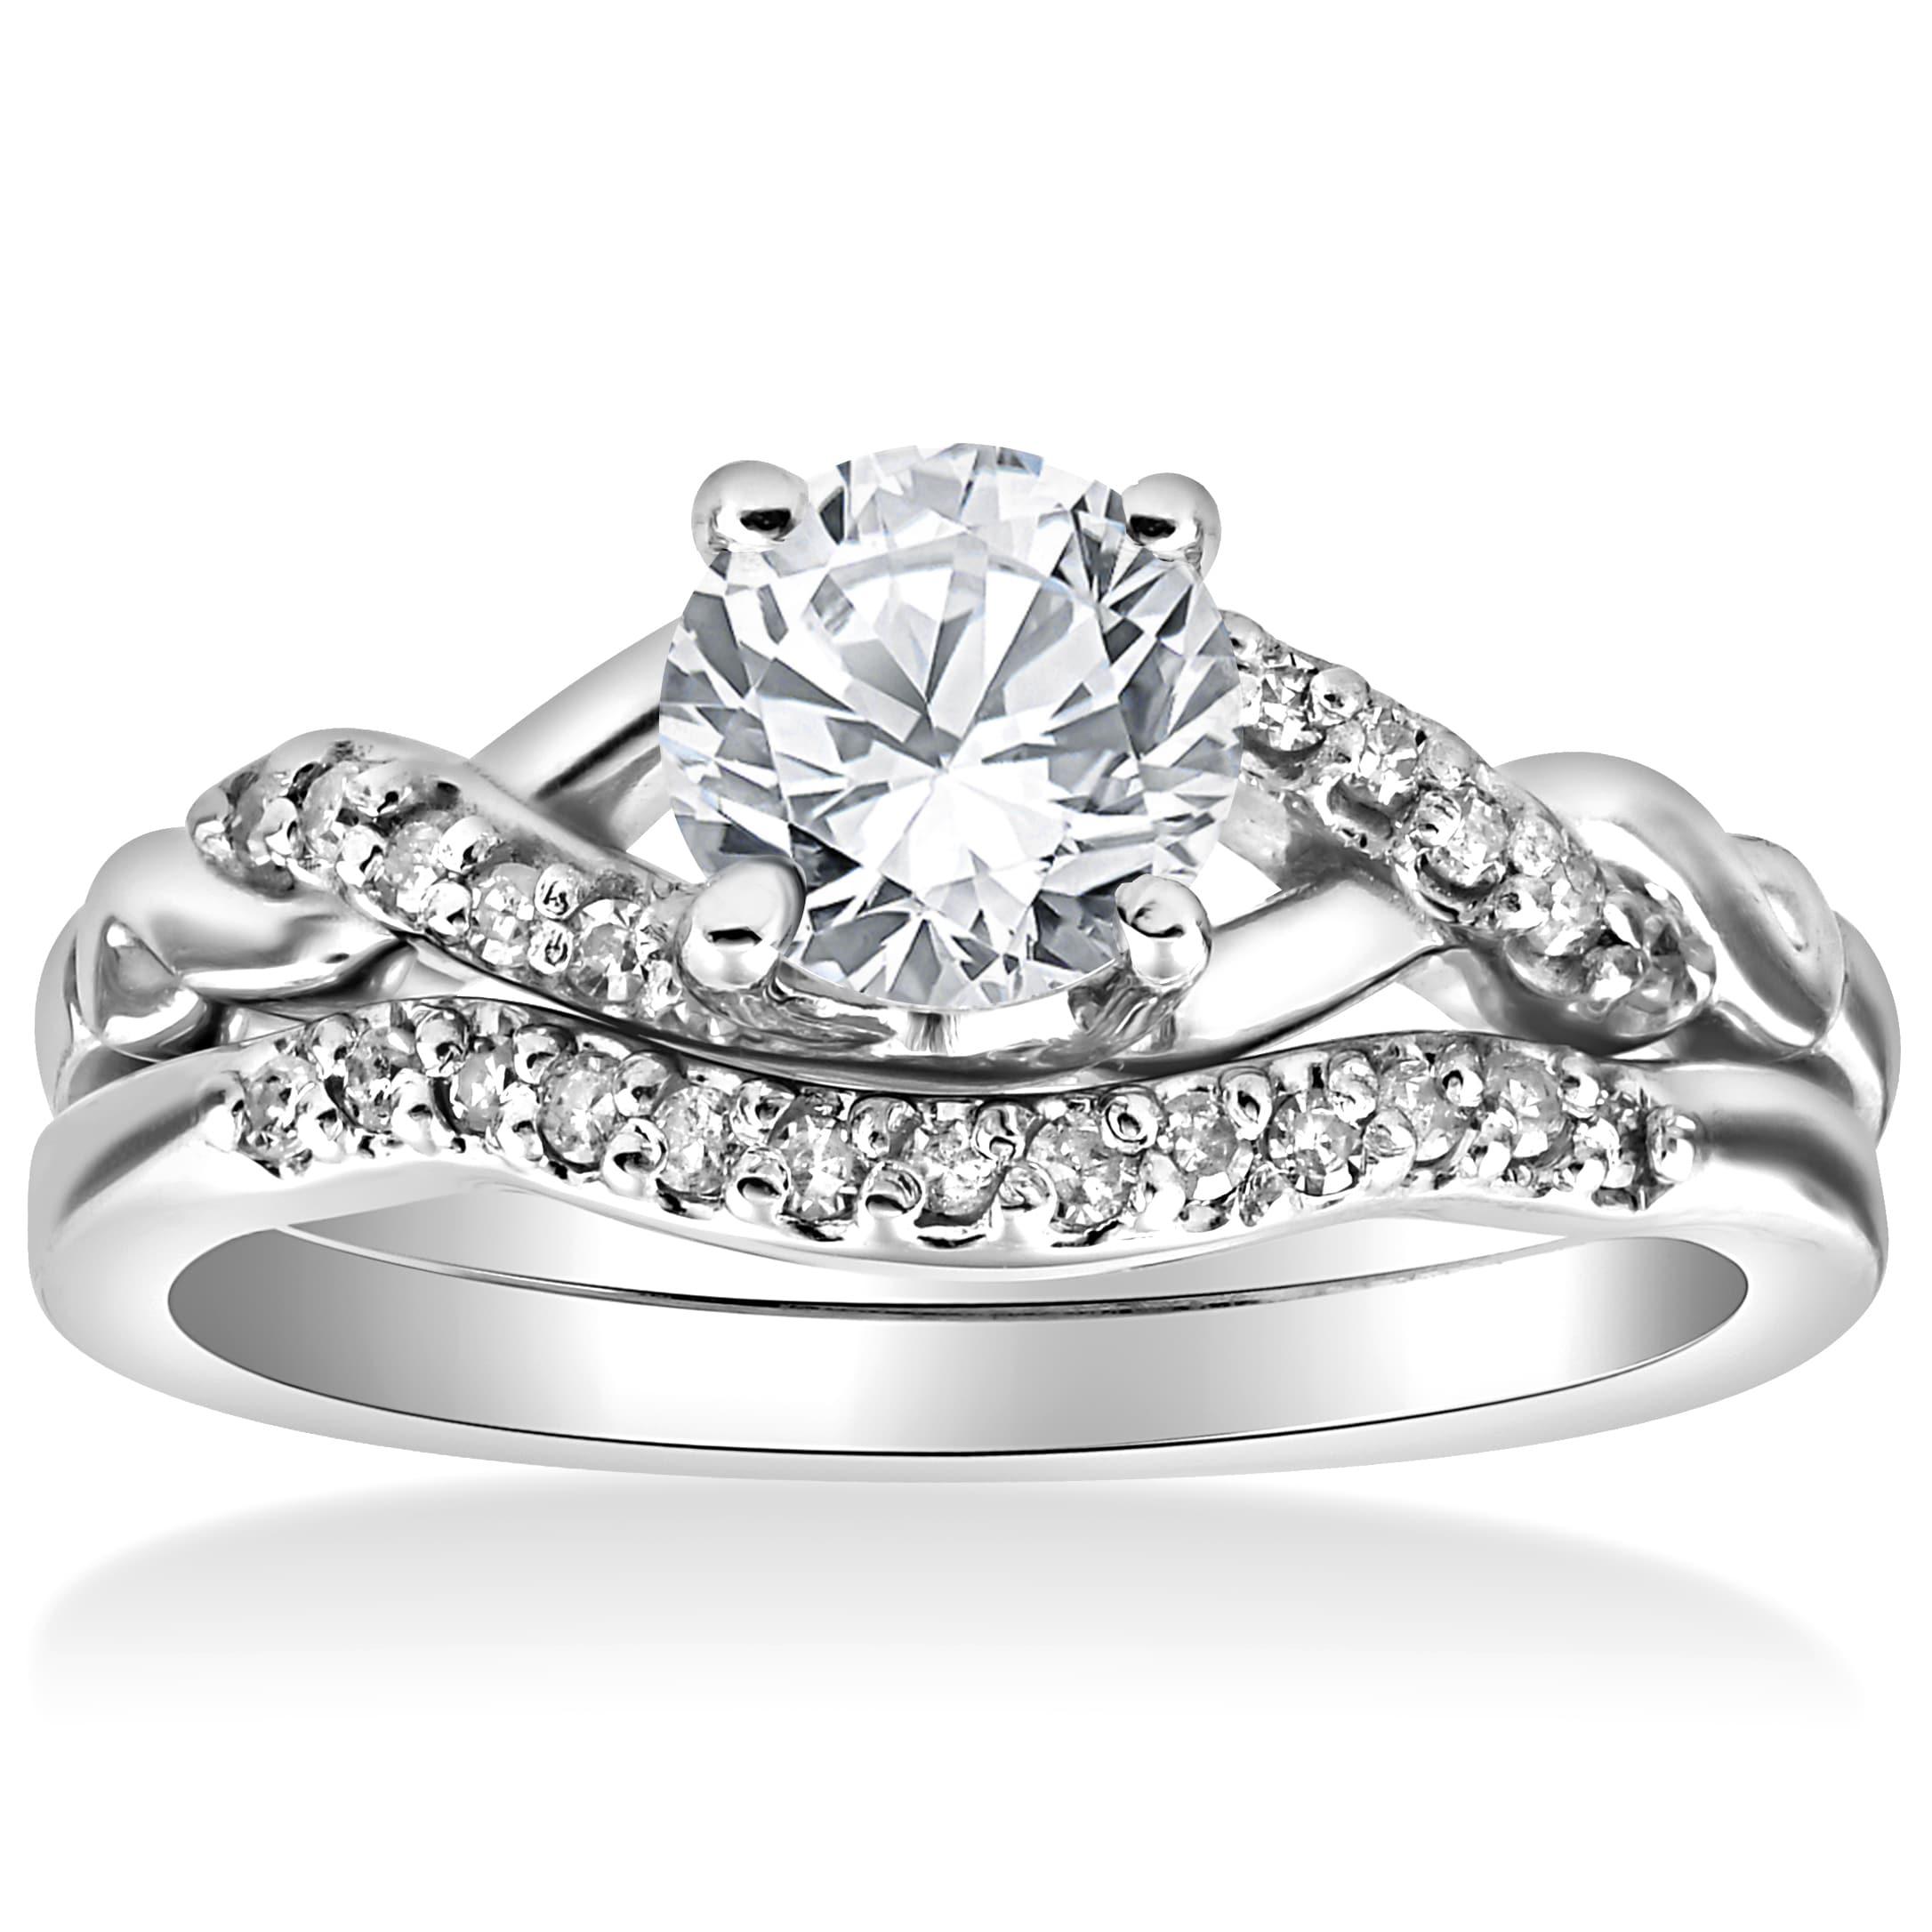 Wedding Rings Sets.14k White Gold 5 8 Cttw Diamond Engagement Matching Wedding Ring Set